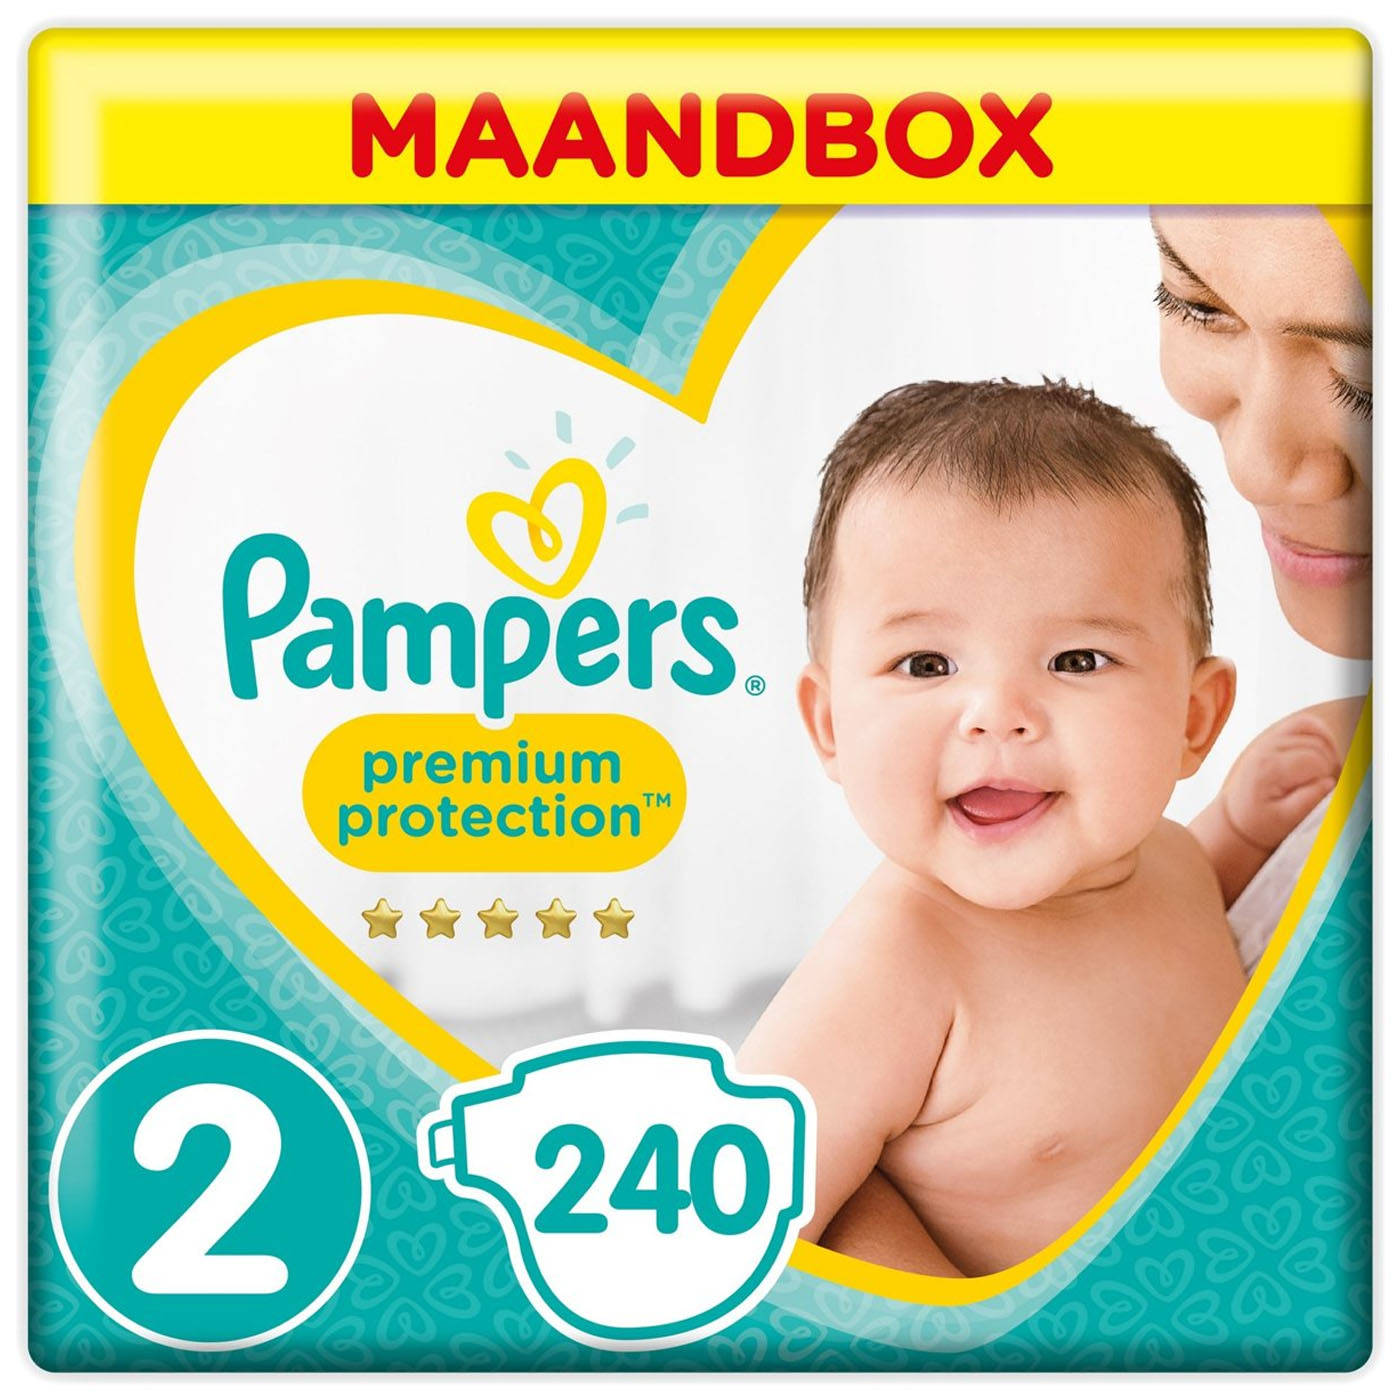 Tot 50% korting op Pampers luiers en babydoekjes met de